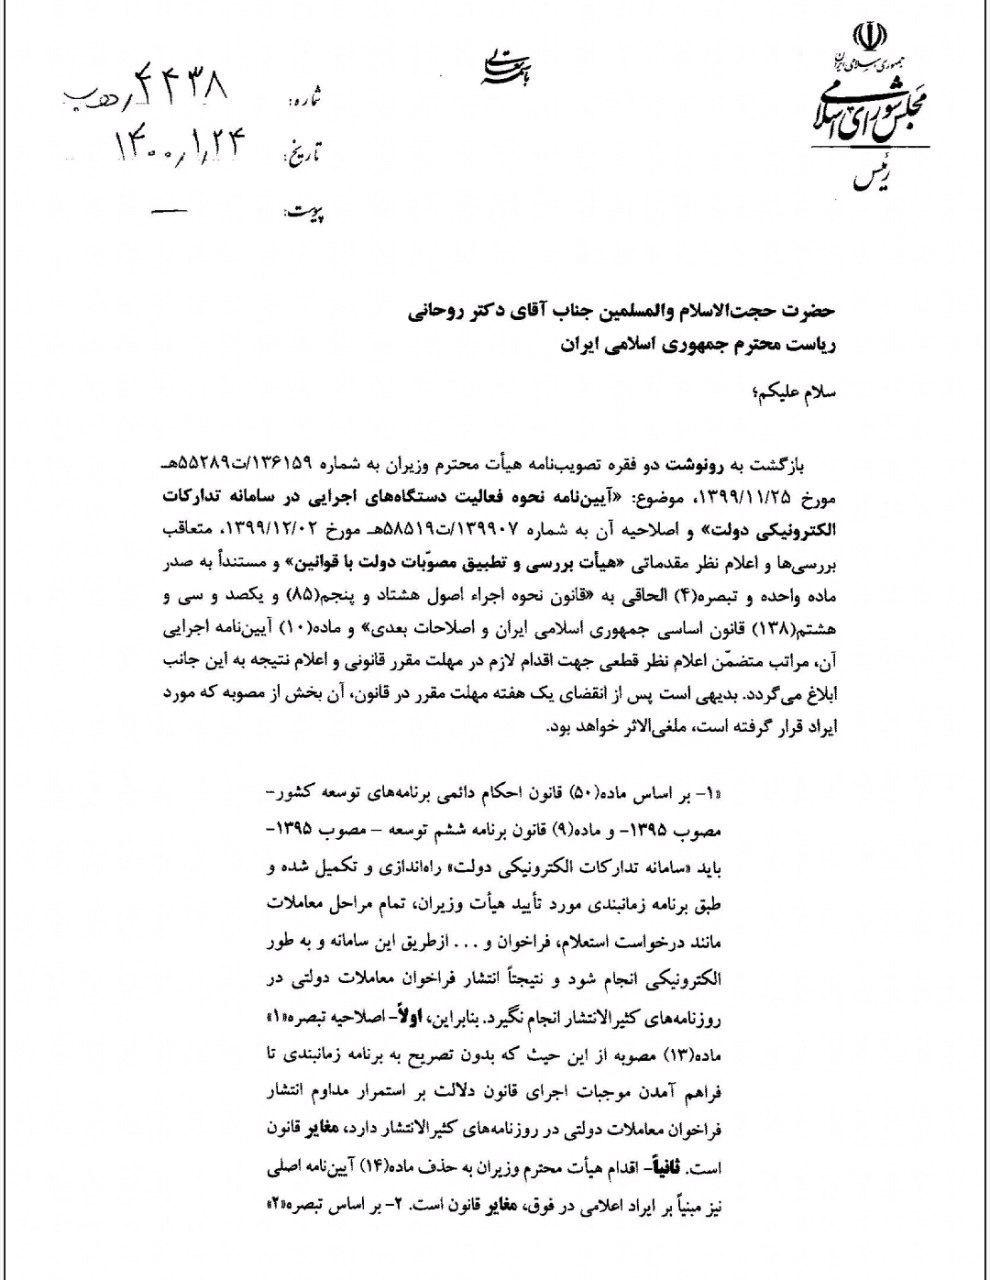 انتقاد مدیر خانه مطبوعات از نامه برای منع انتشار آگهی مزایده و مناقصه در مطبوعات